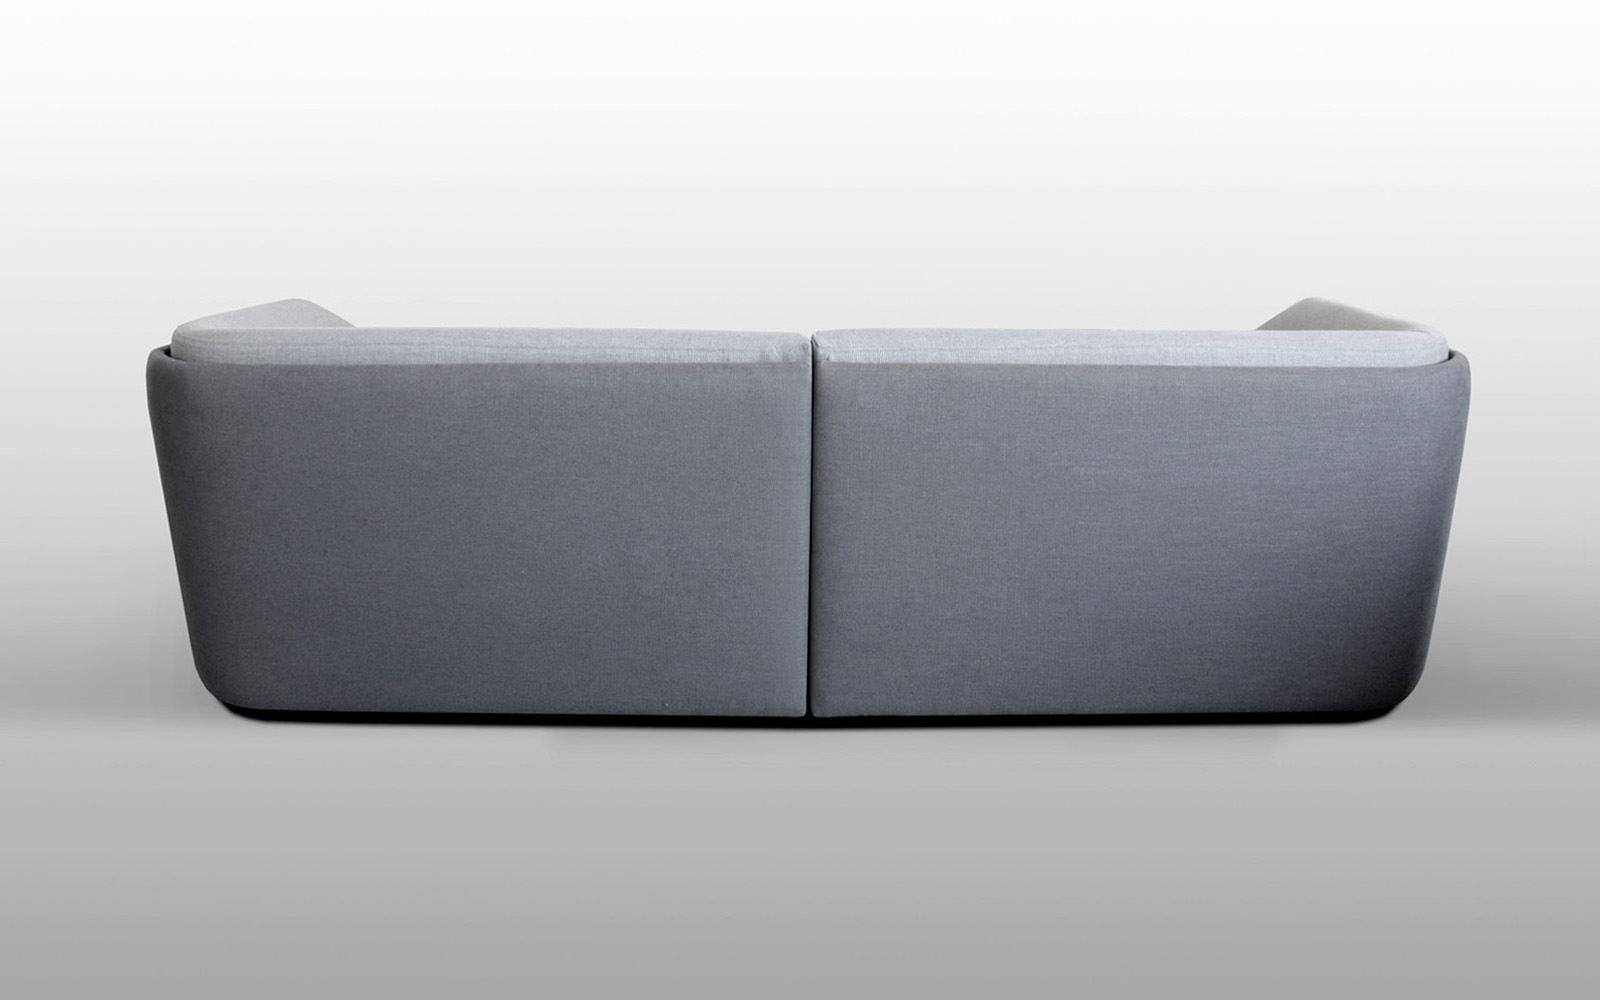 Островной диван в интерьере (12)